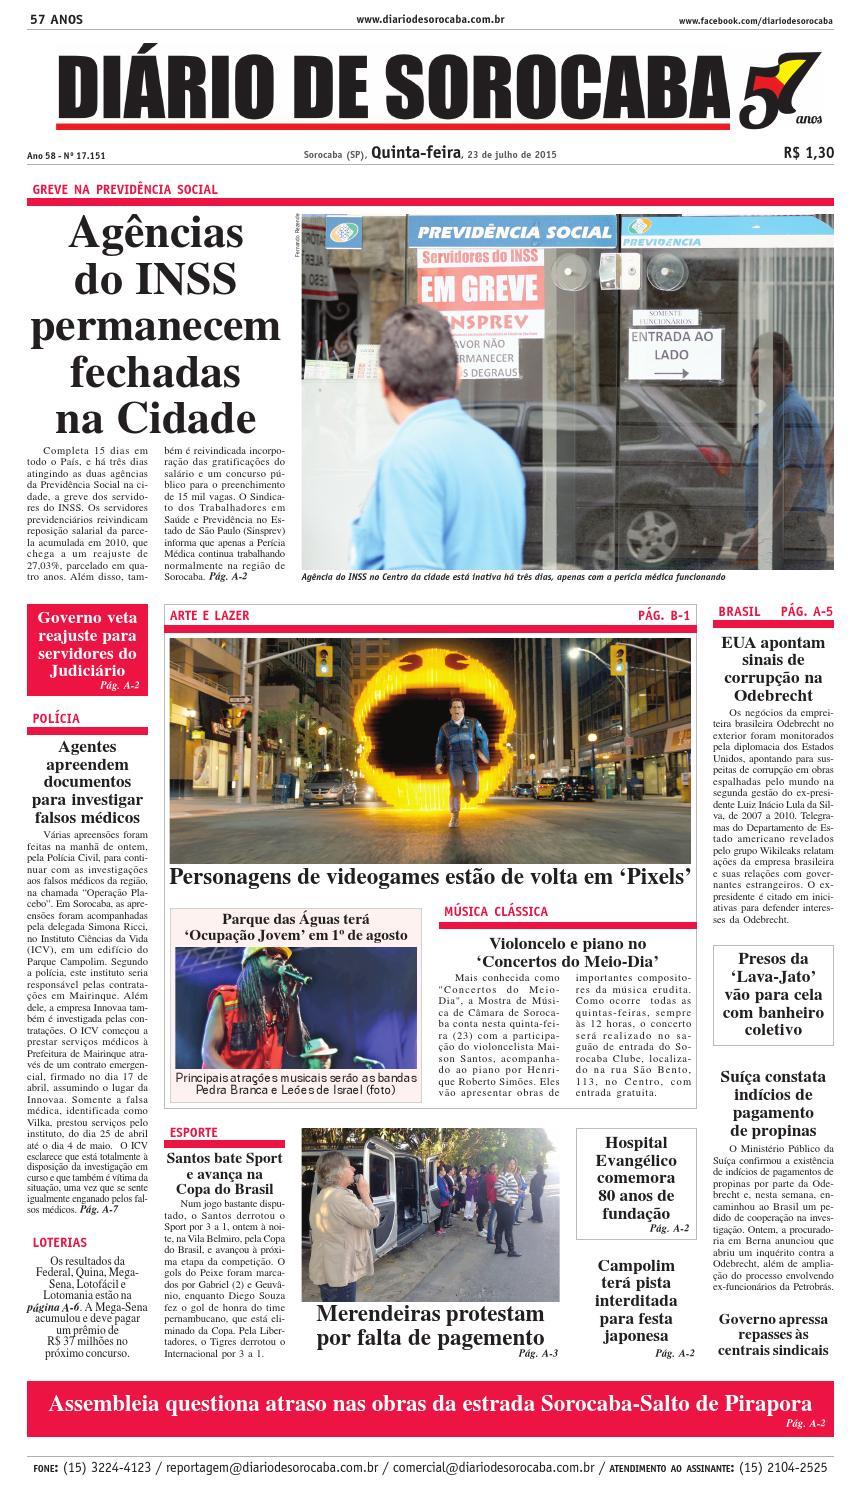 ab4314d1795c6 Edição de 23 de julho de 2015 by DIÁRIO DE SOROCABA - issuu